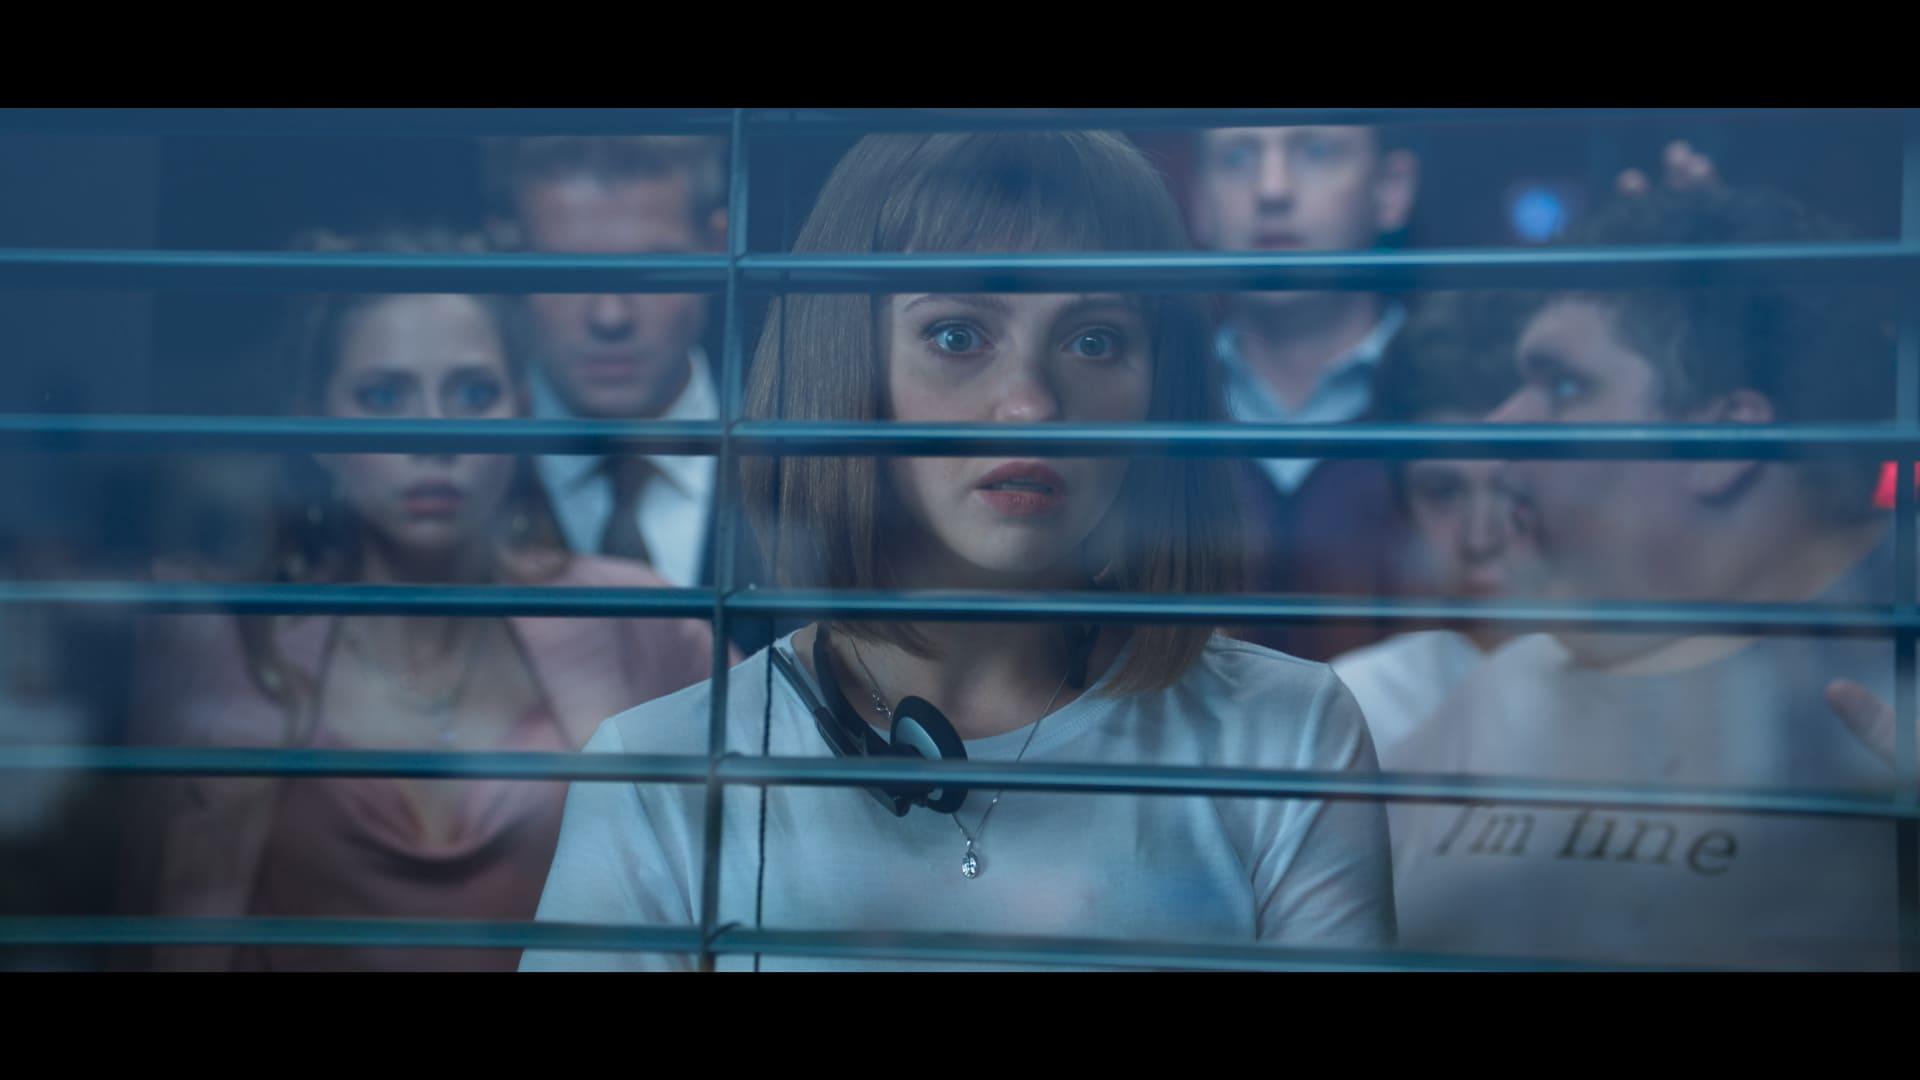 Названа дата премьеры российского триллера «Колл-центр»